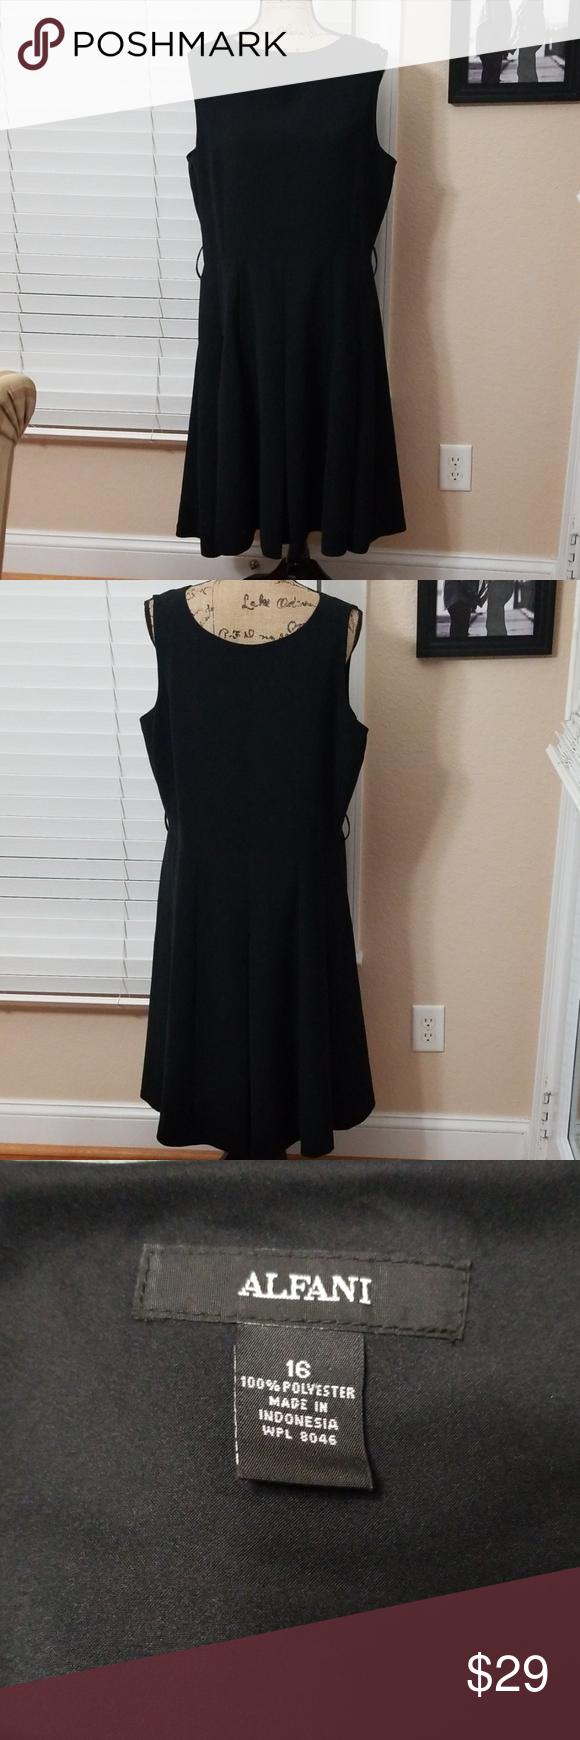 Alfani Black Pleated Dress Size 16 Black Pleated Dress Pleated Dress Size 16 Dresses [ 1740 x 580 Pixel ]